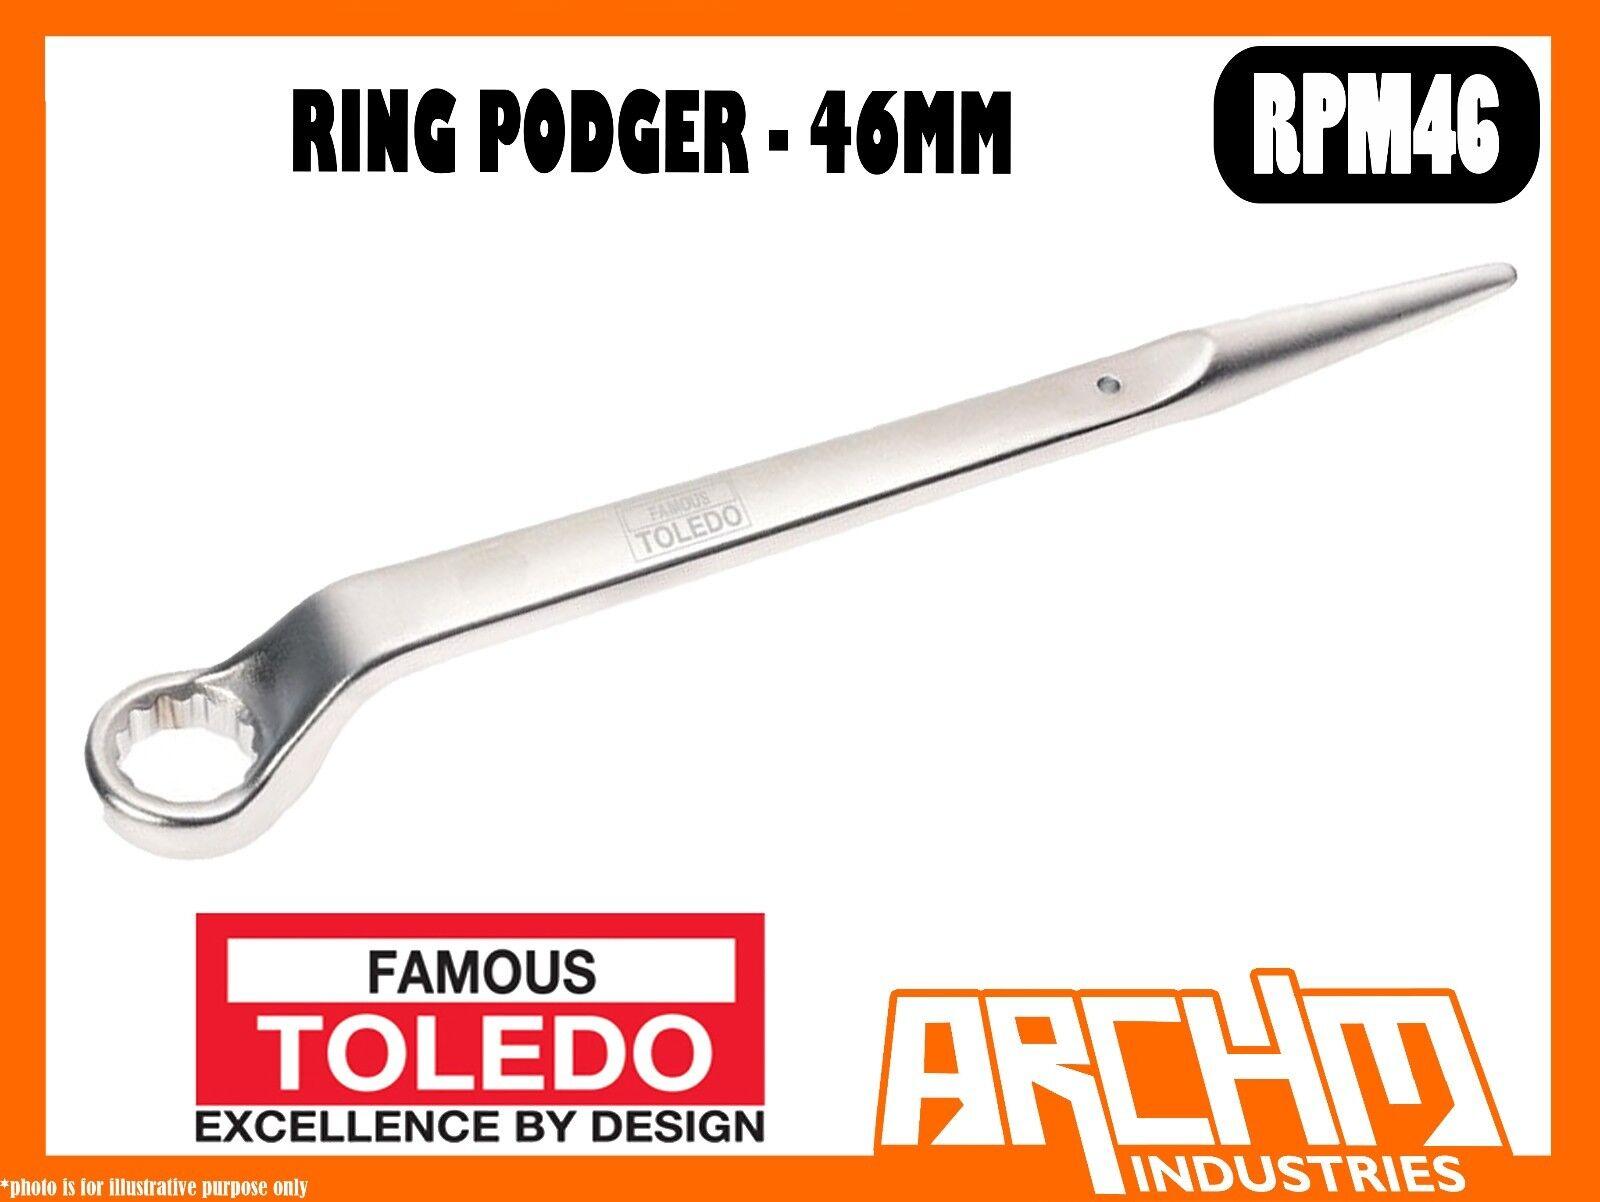 TOLEDO RPM46 - RING PODGER - 46MM - METRIC